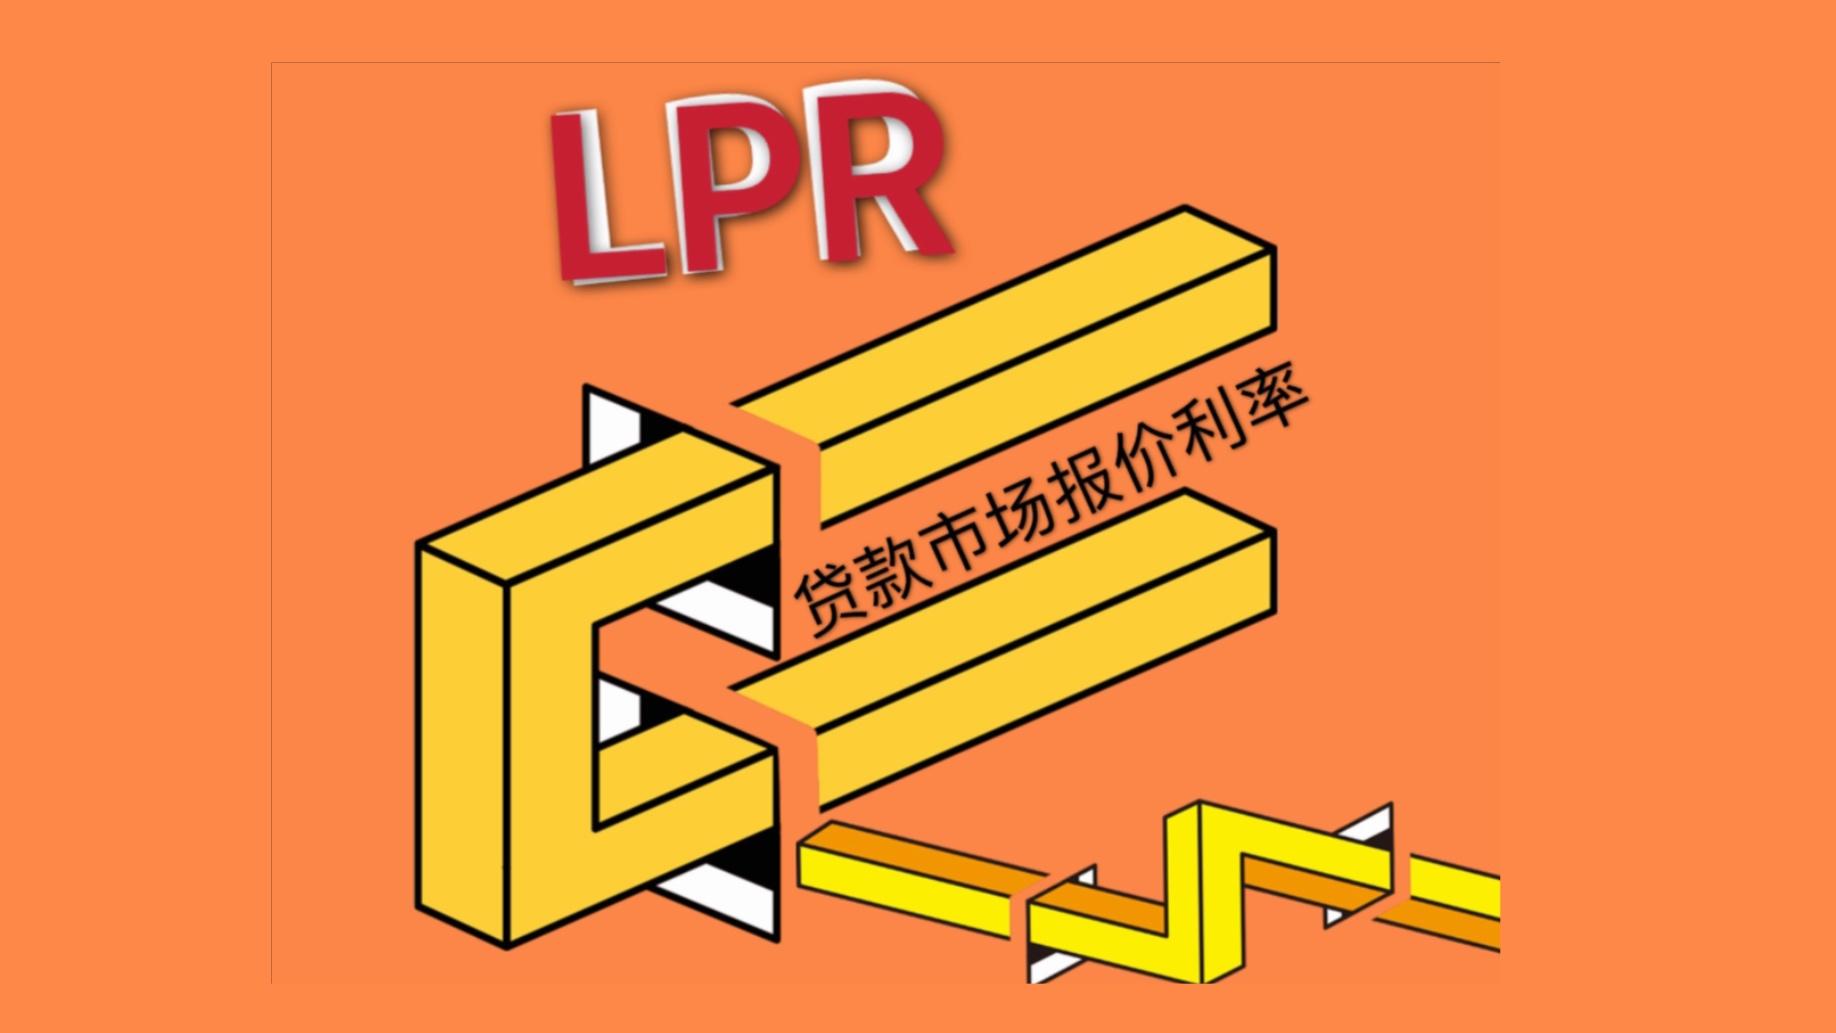 融資租賃公司如何應對LPR?